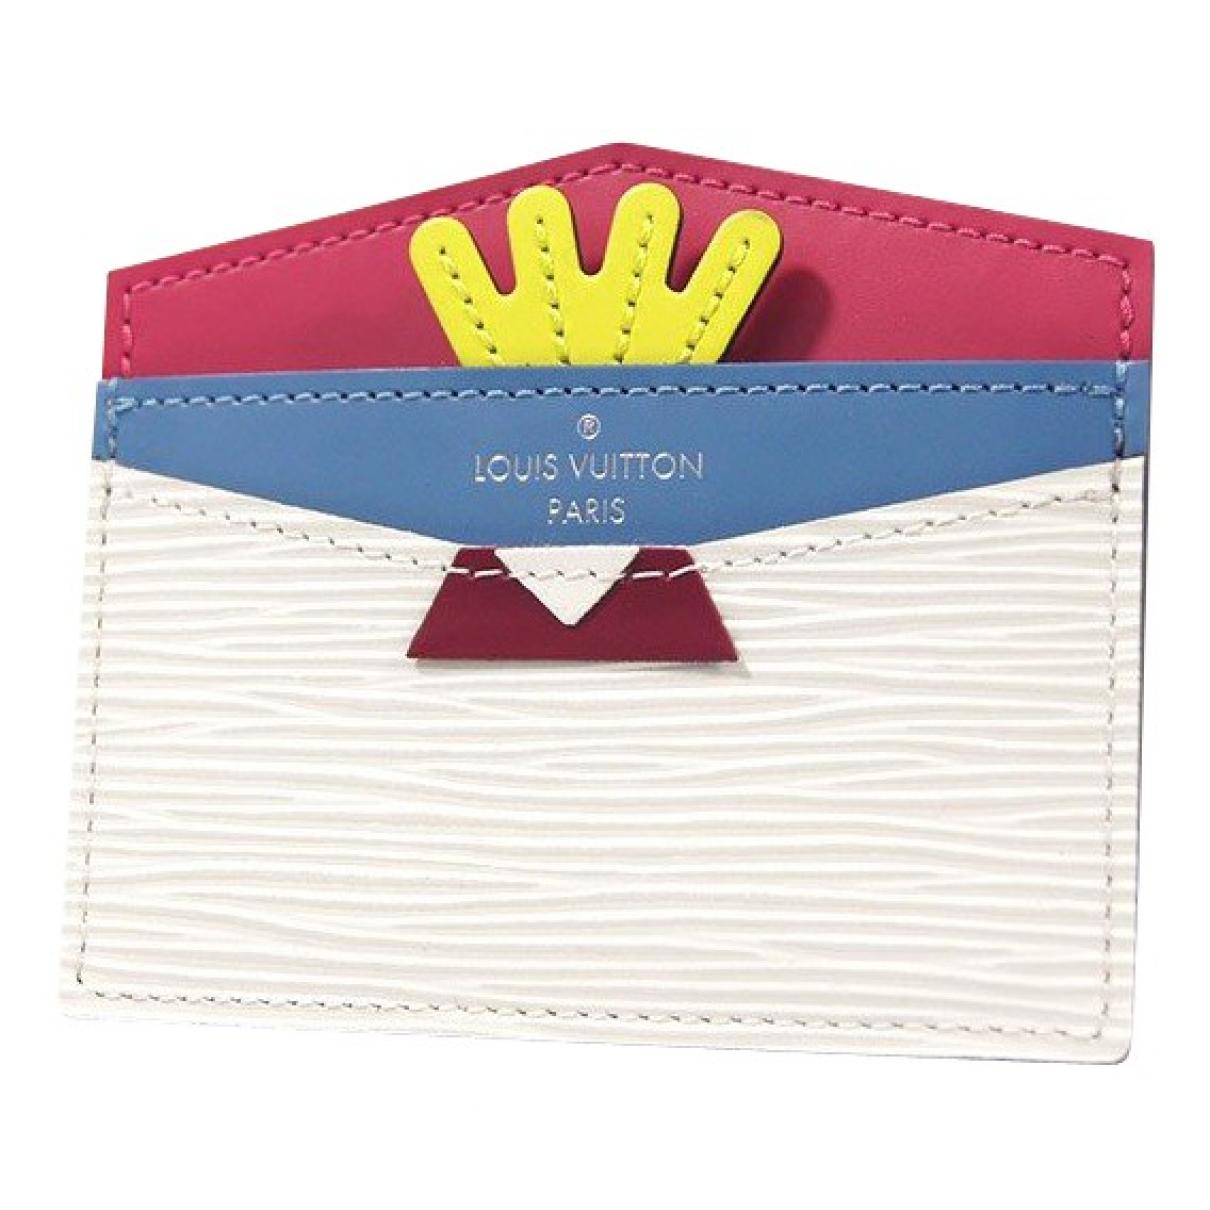 Louis Vuitton - Petite maroquinerie   pour femme en cuir - multicolore